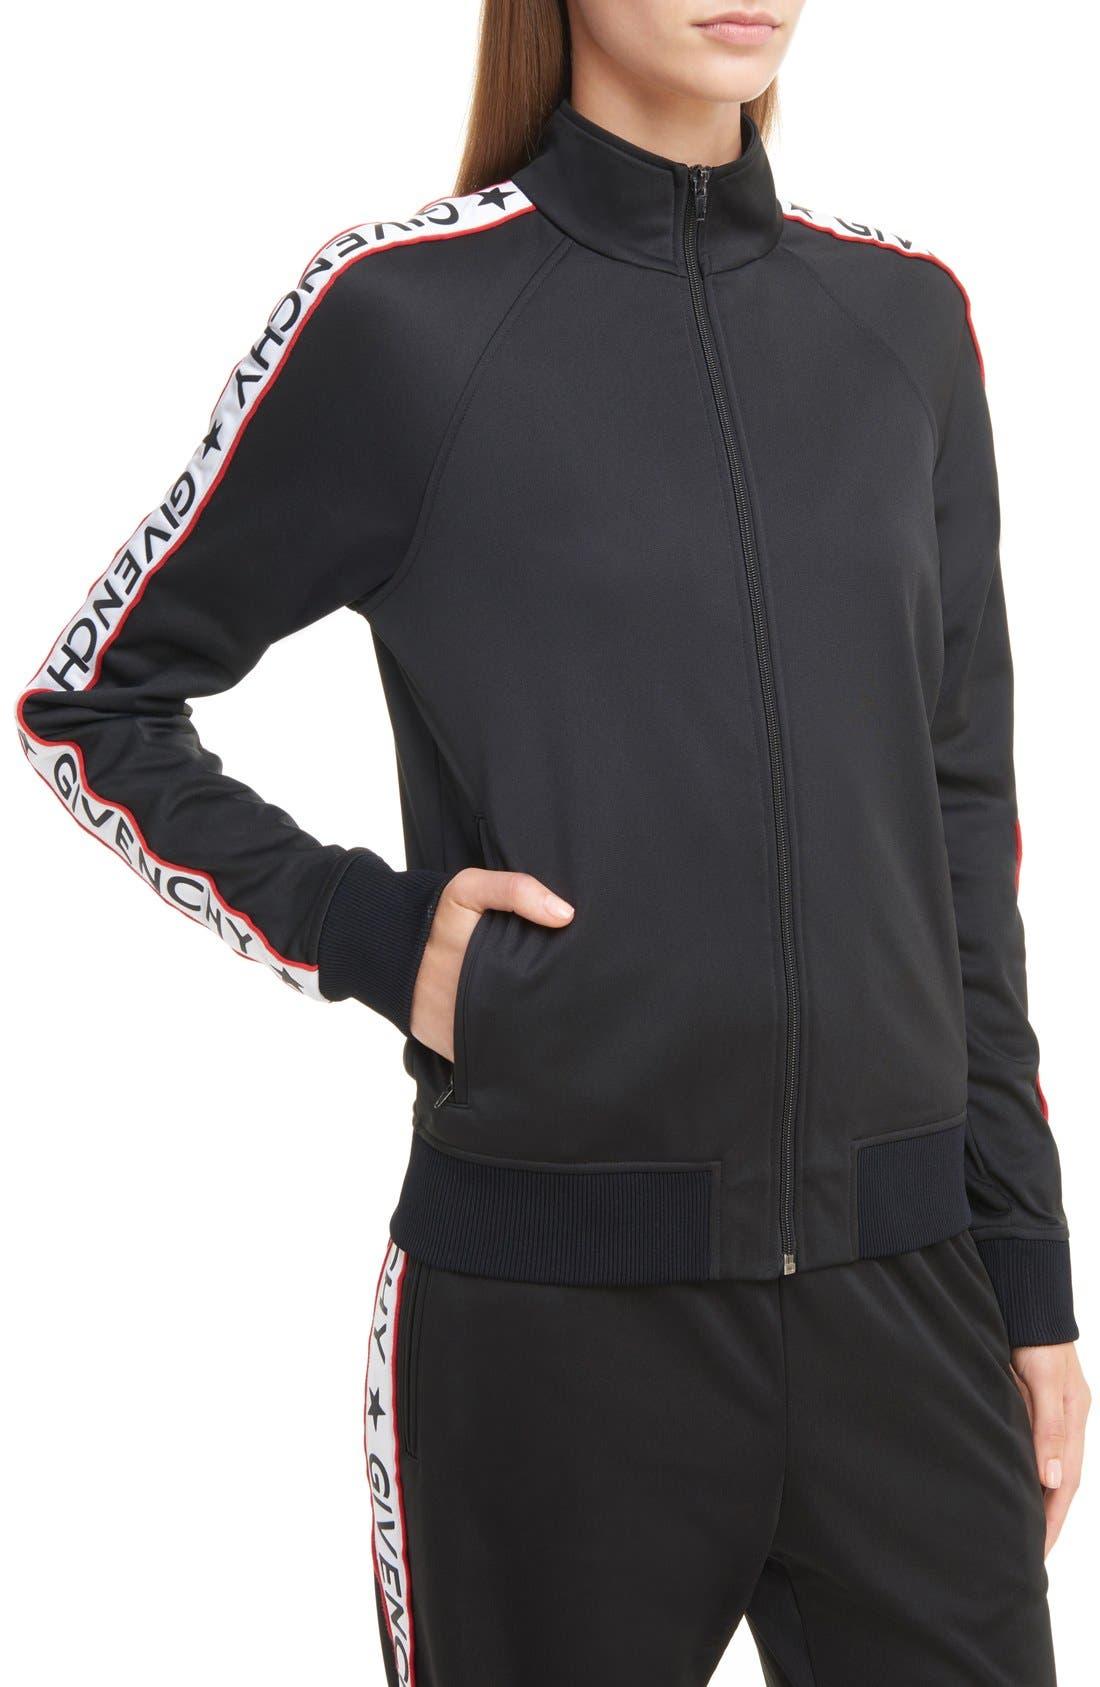 Alternate Image 1 Selected - Givenchy Logo Track Jacket